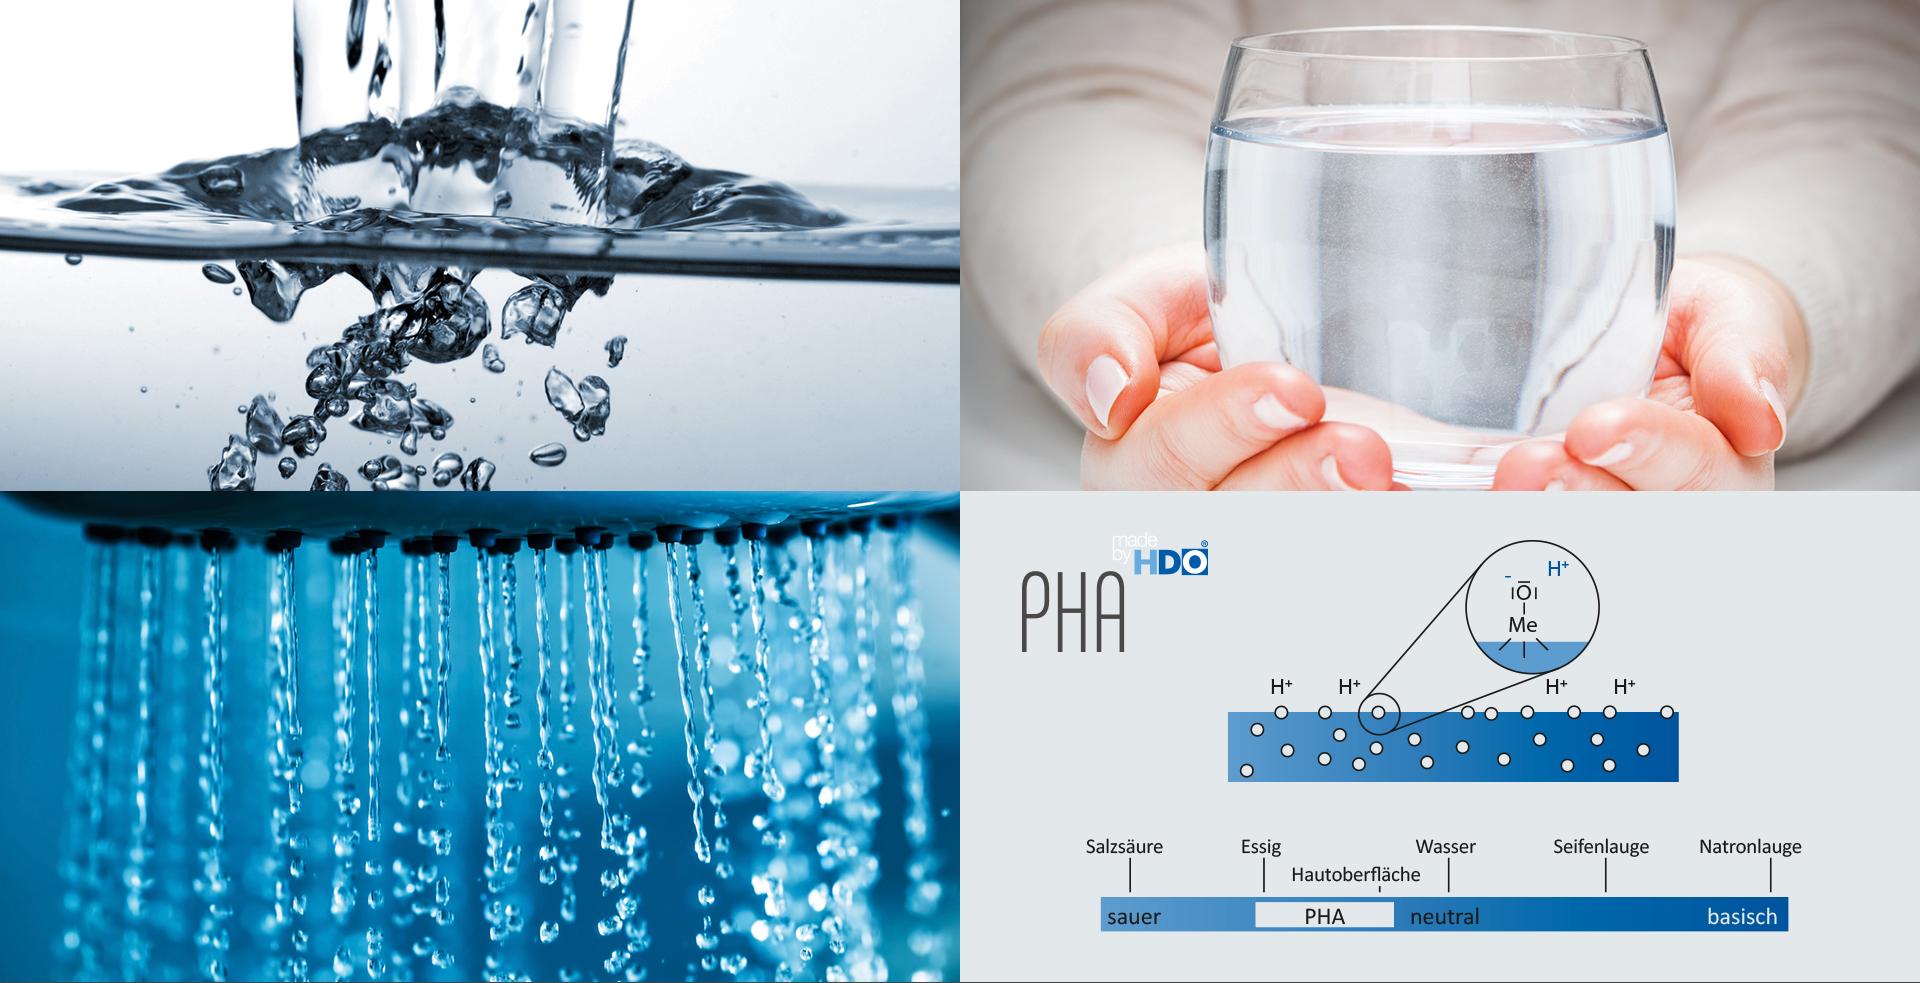 HDO Innovationen für wasserführende Systeme